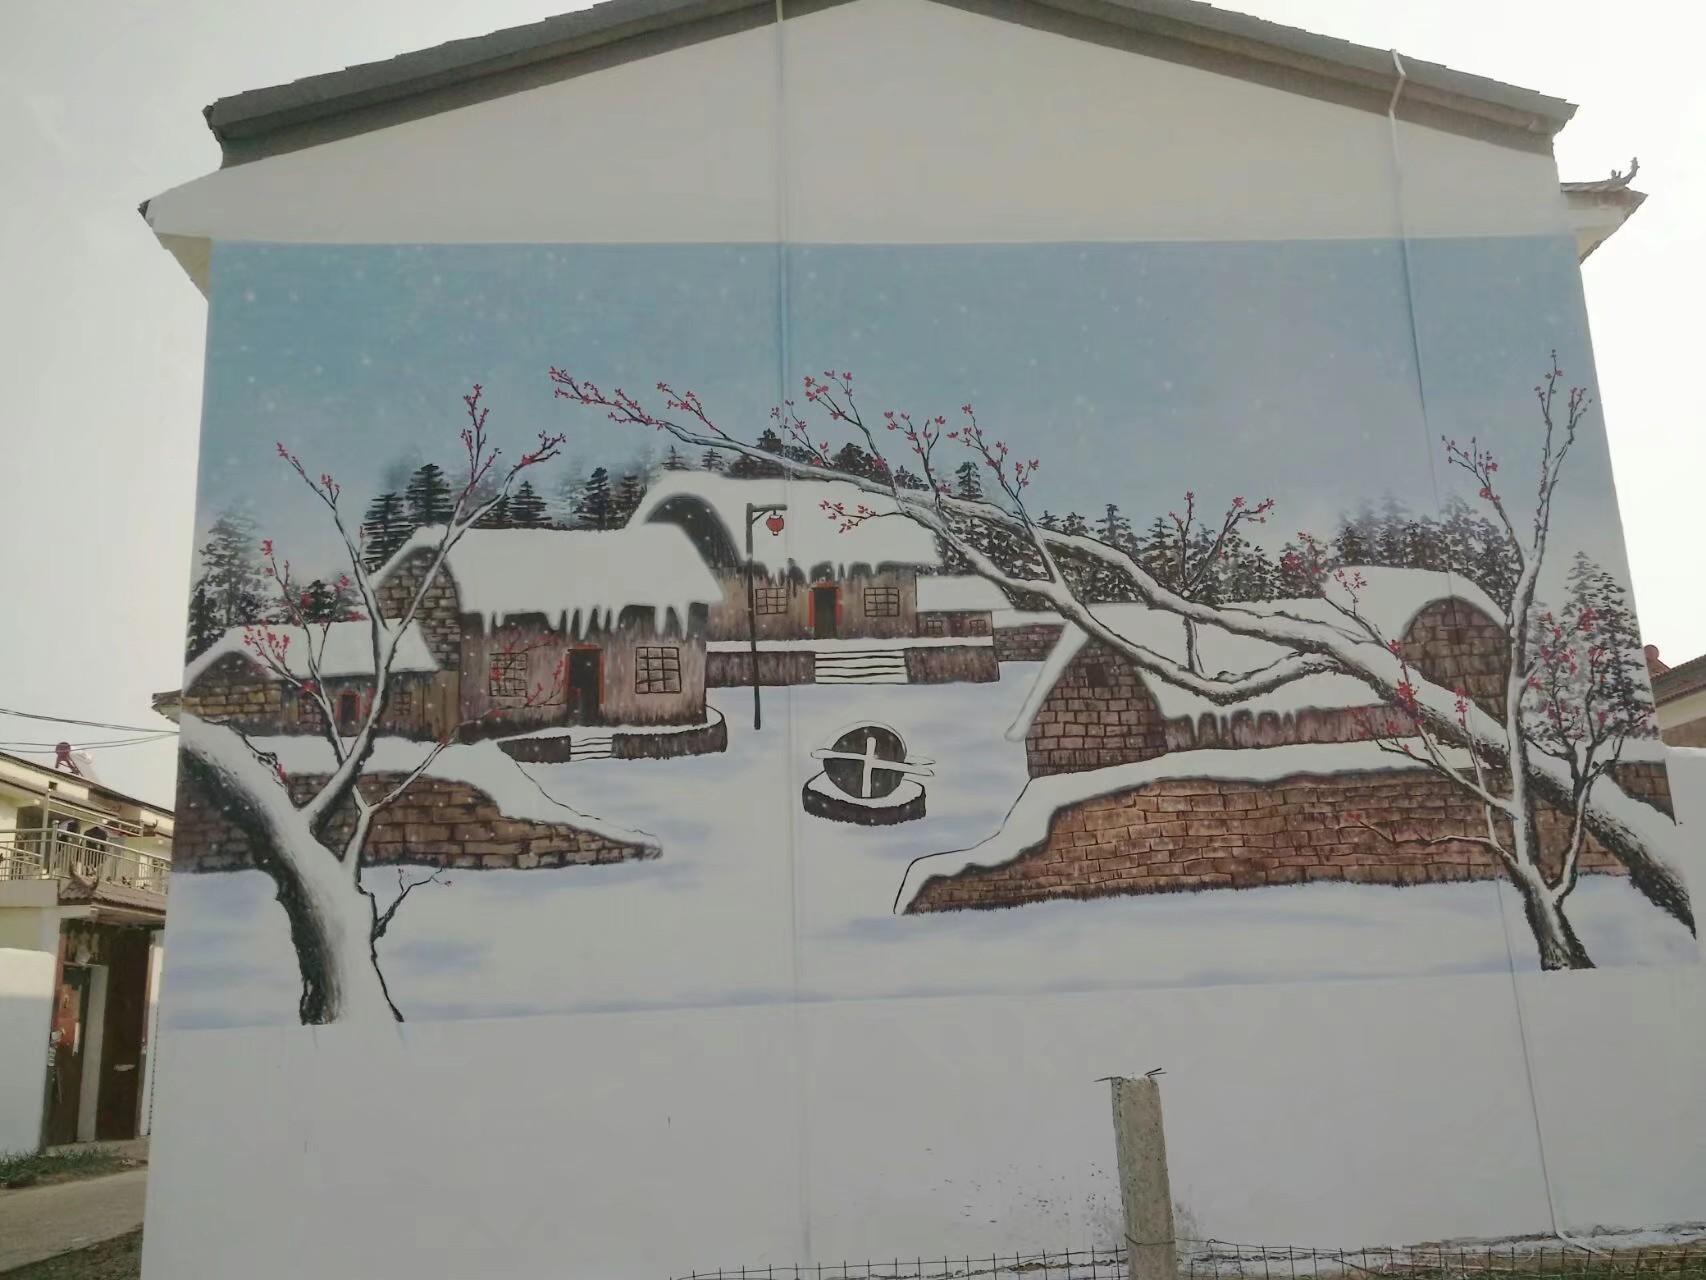 户外墙体彩绘 户外墙体手绘-开封青出于蓝彩绘有限公司